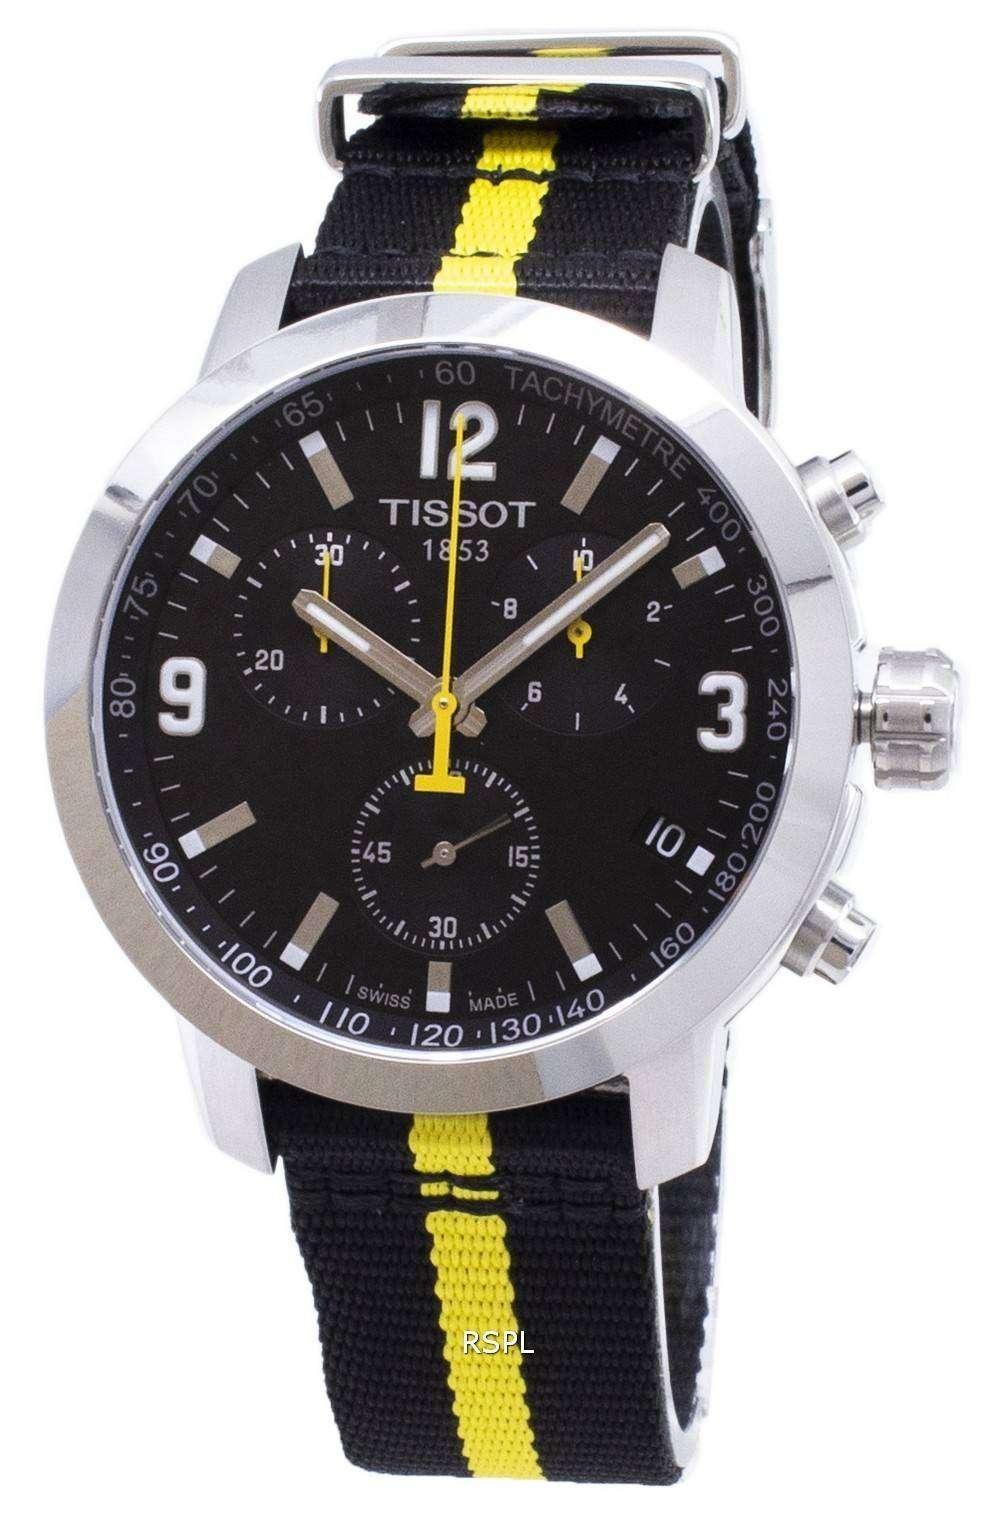 ティソ PRC 200 T 055.417.17.057.01 T0554171705701 クロノグラフ200M メンズ腕時計